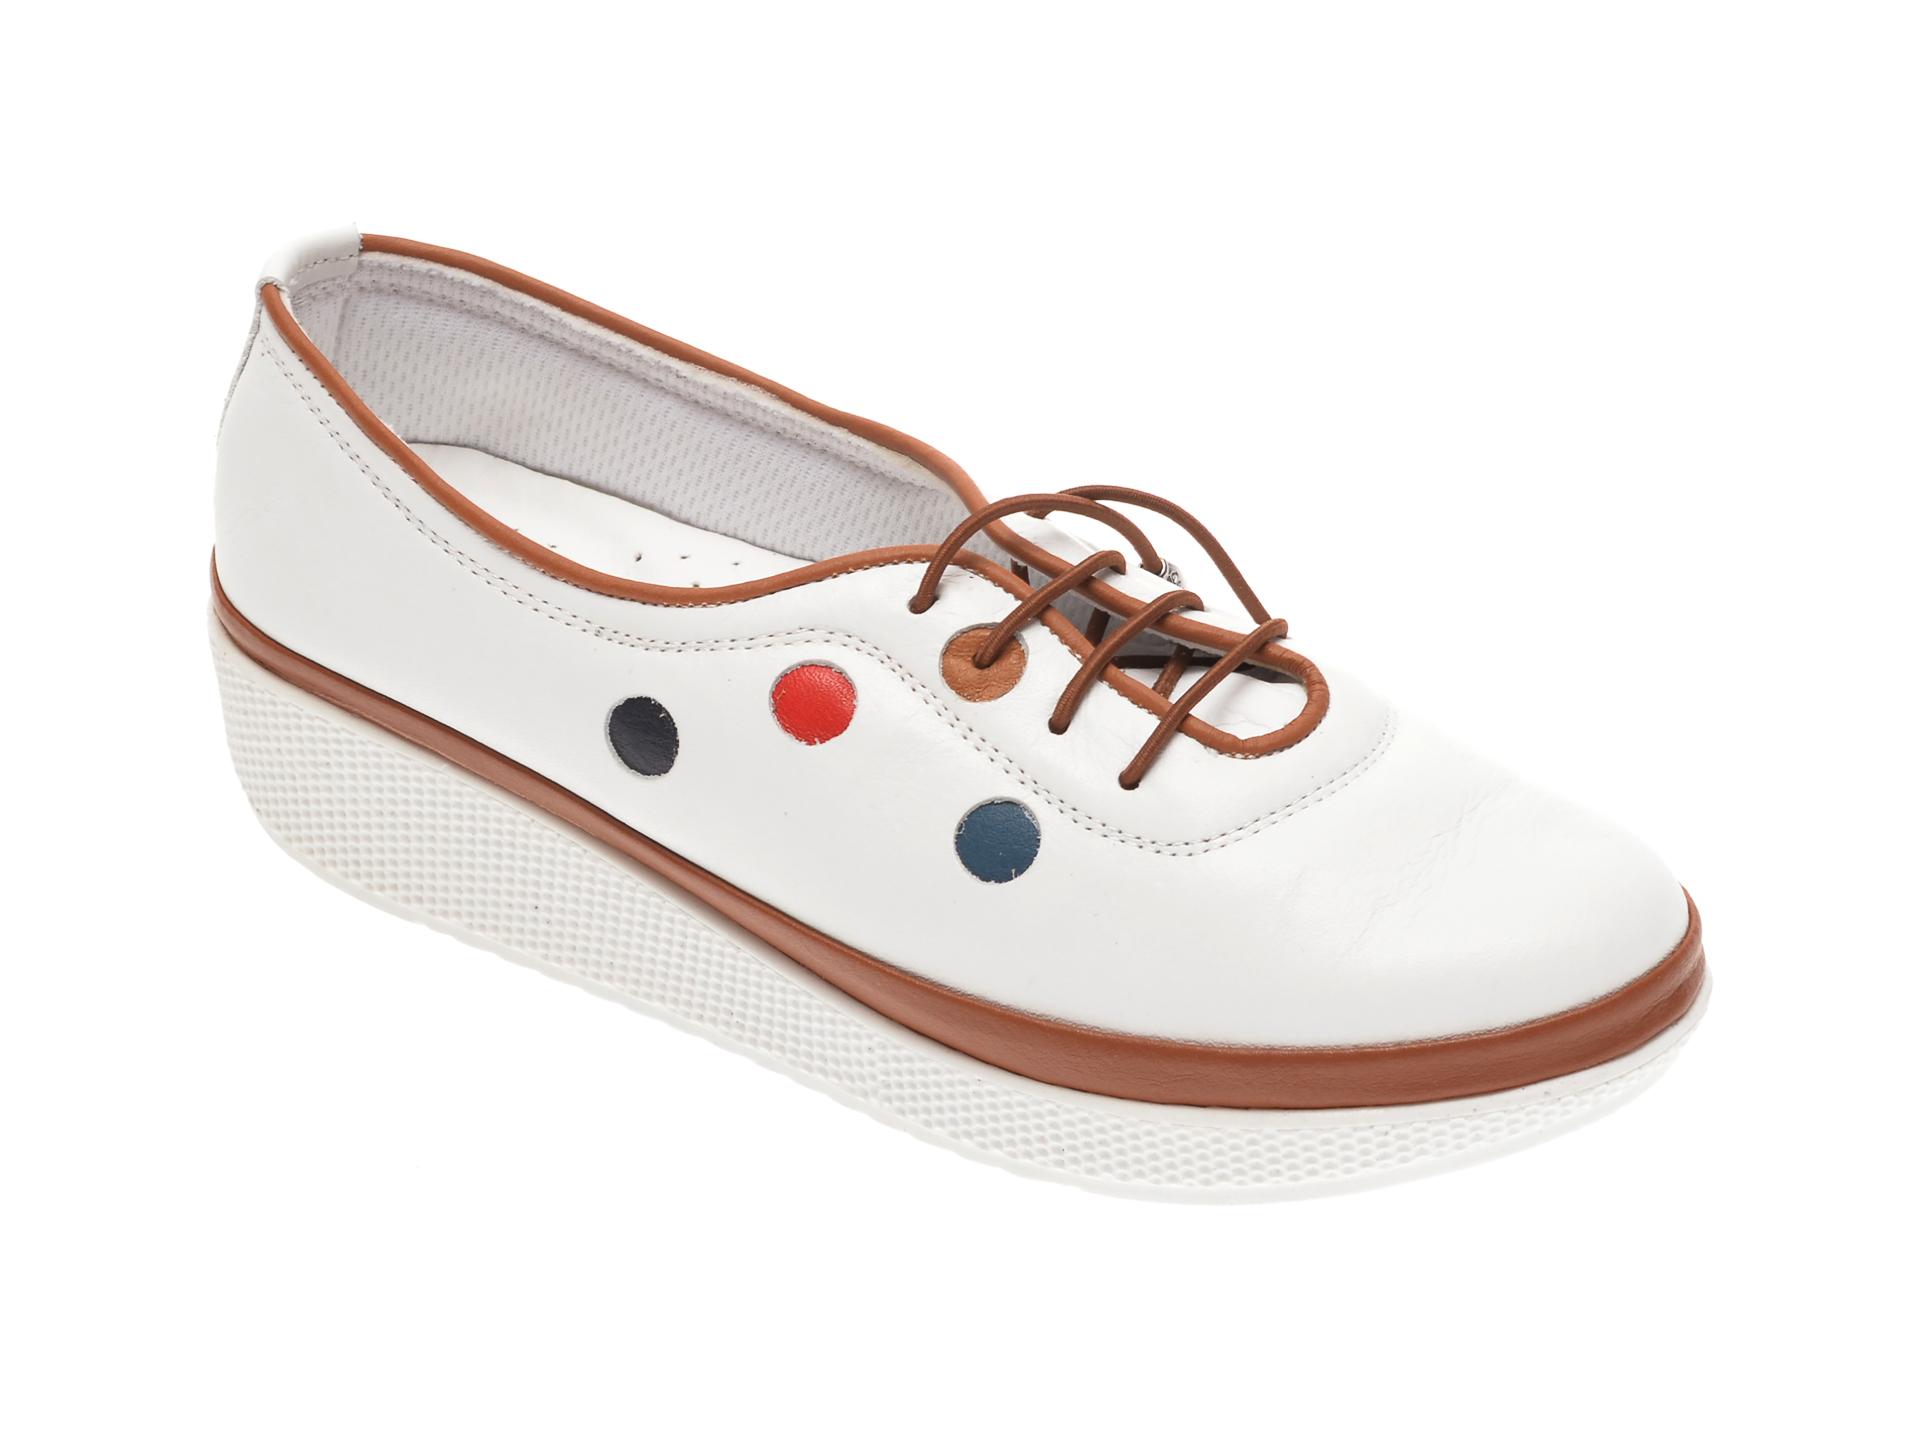 Pantofi PASS COLLECTION albi, H17, din piele naturala